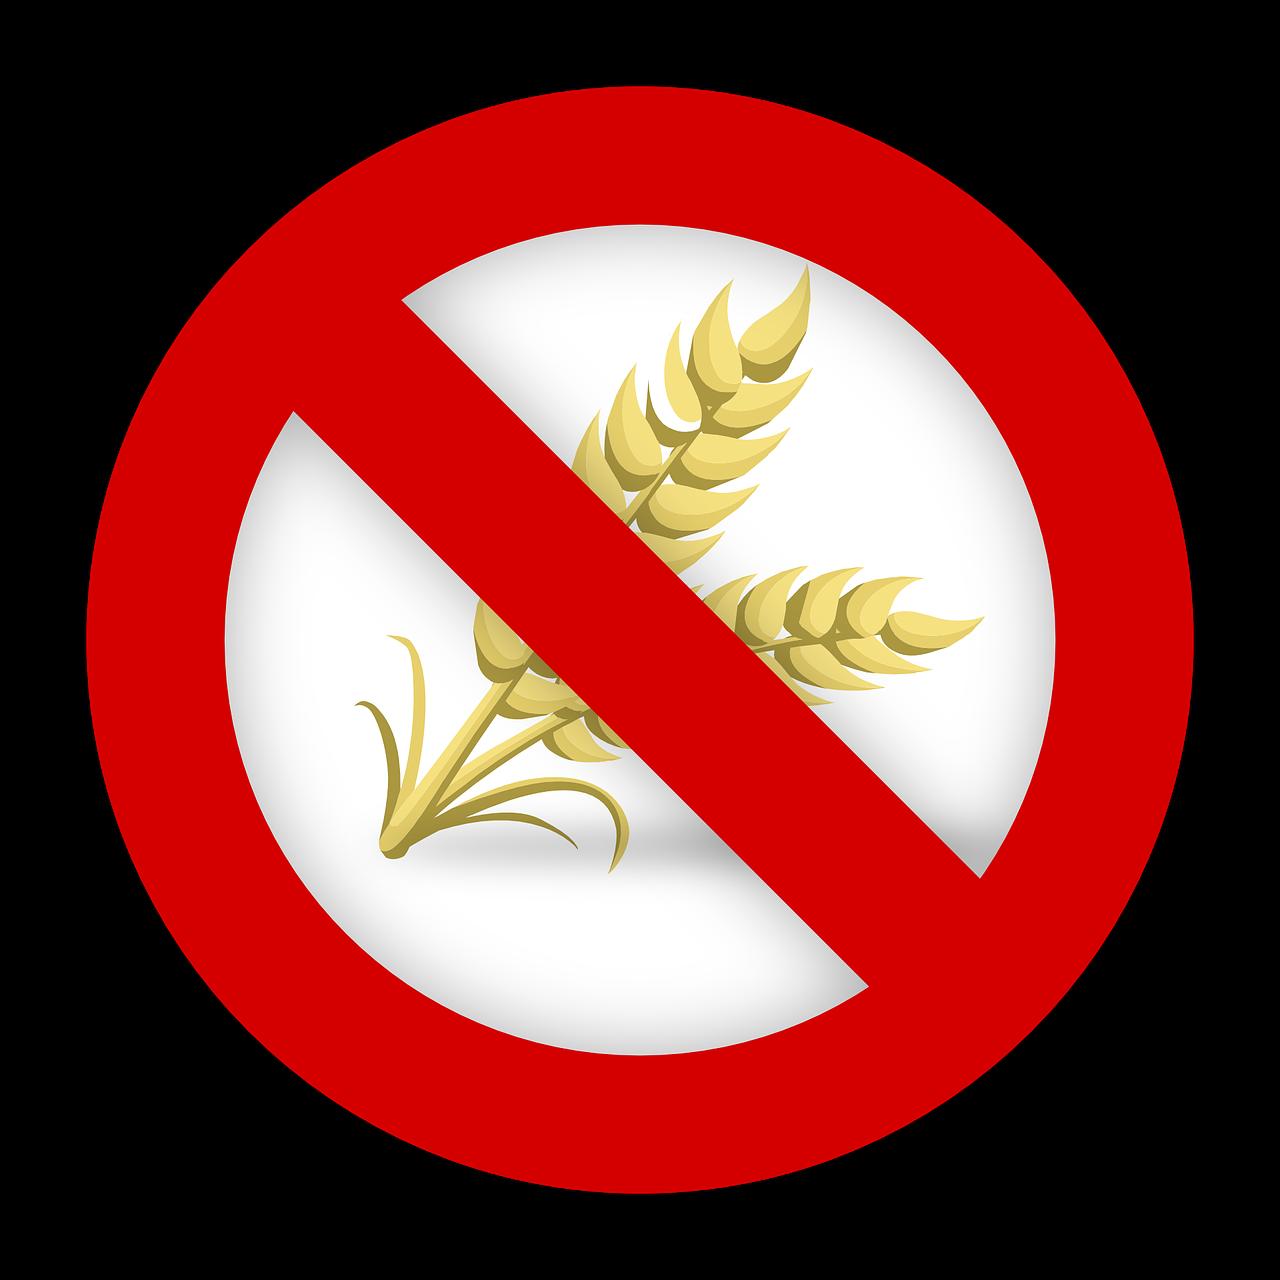 Gluten-Free Diet is Available at ItsMirchi, Brisbane